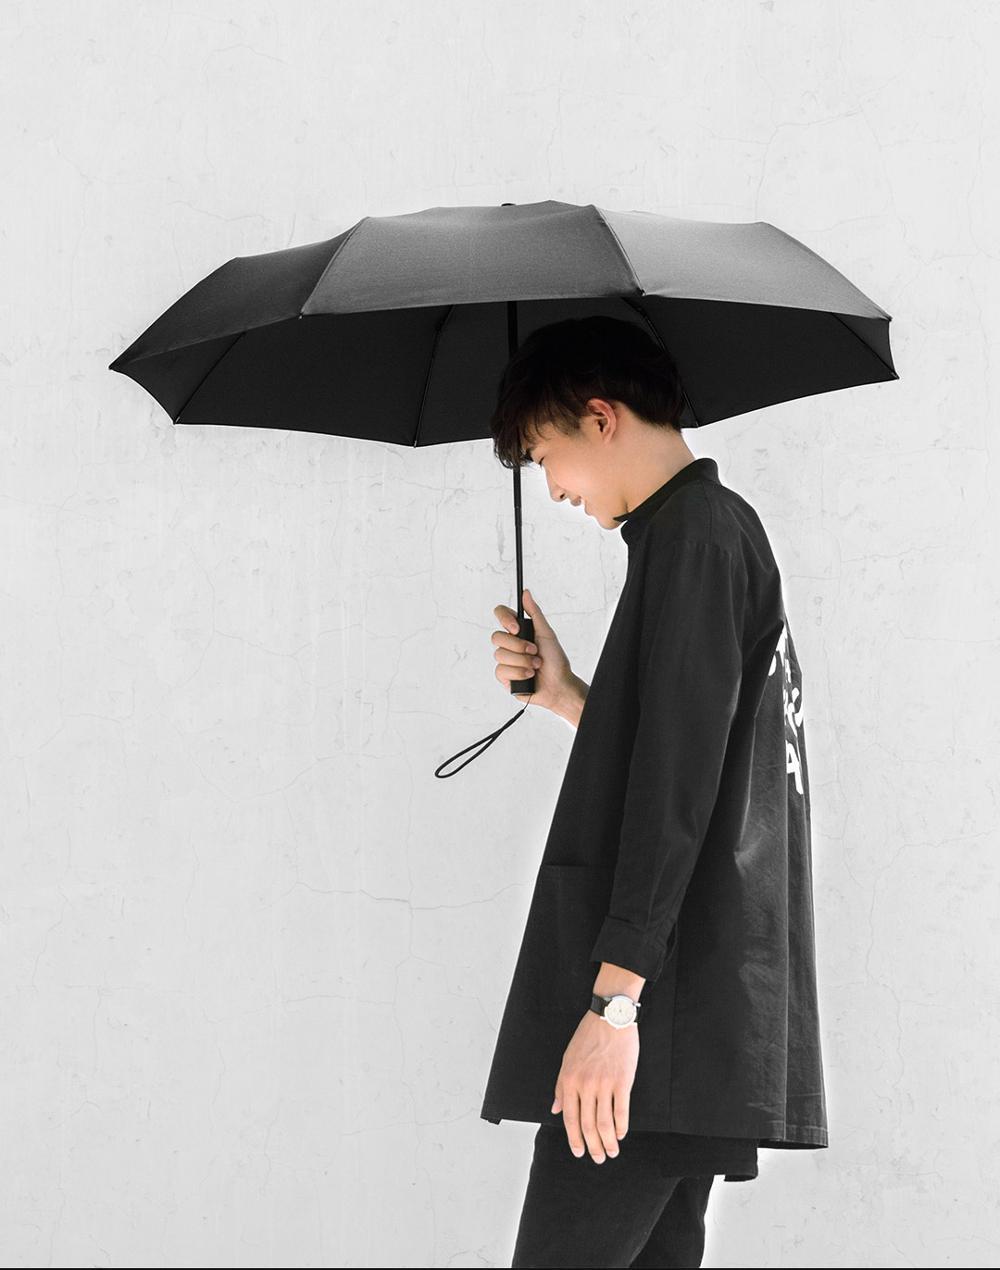 Xiaomi Mijia Автоматический складной 1-зонтик и открытие 420g Алюминий ветрозащитный мужские и женские Водонепроницаемый для зимы летний зонтик - Цвет: Black